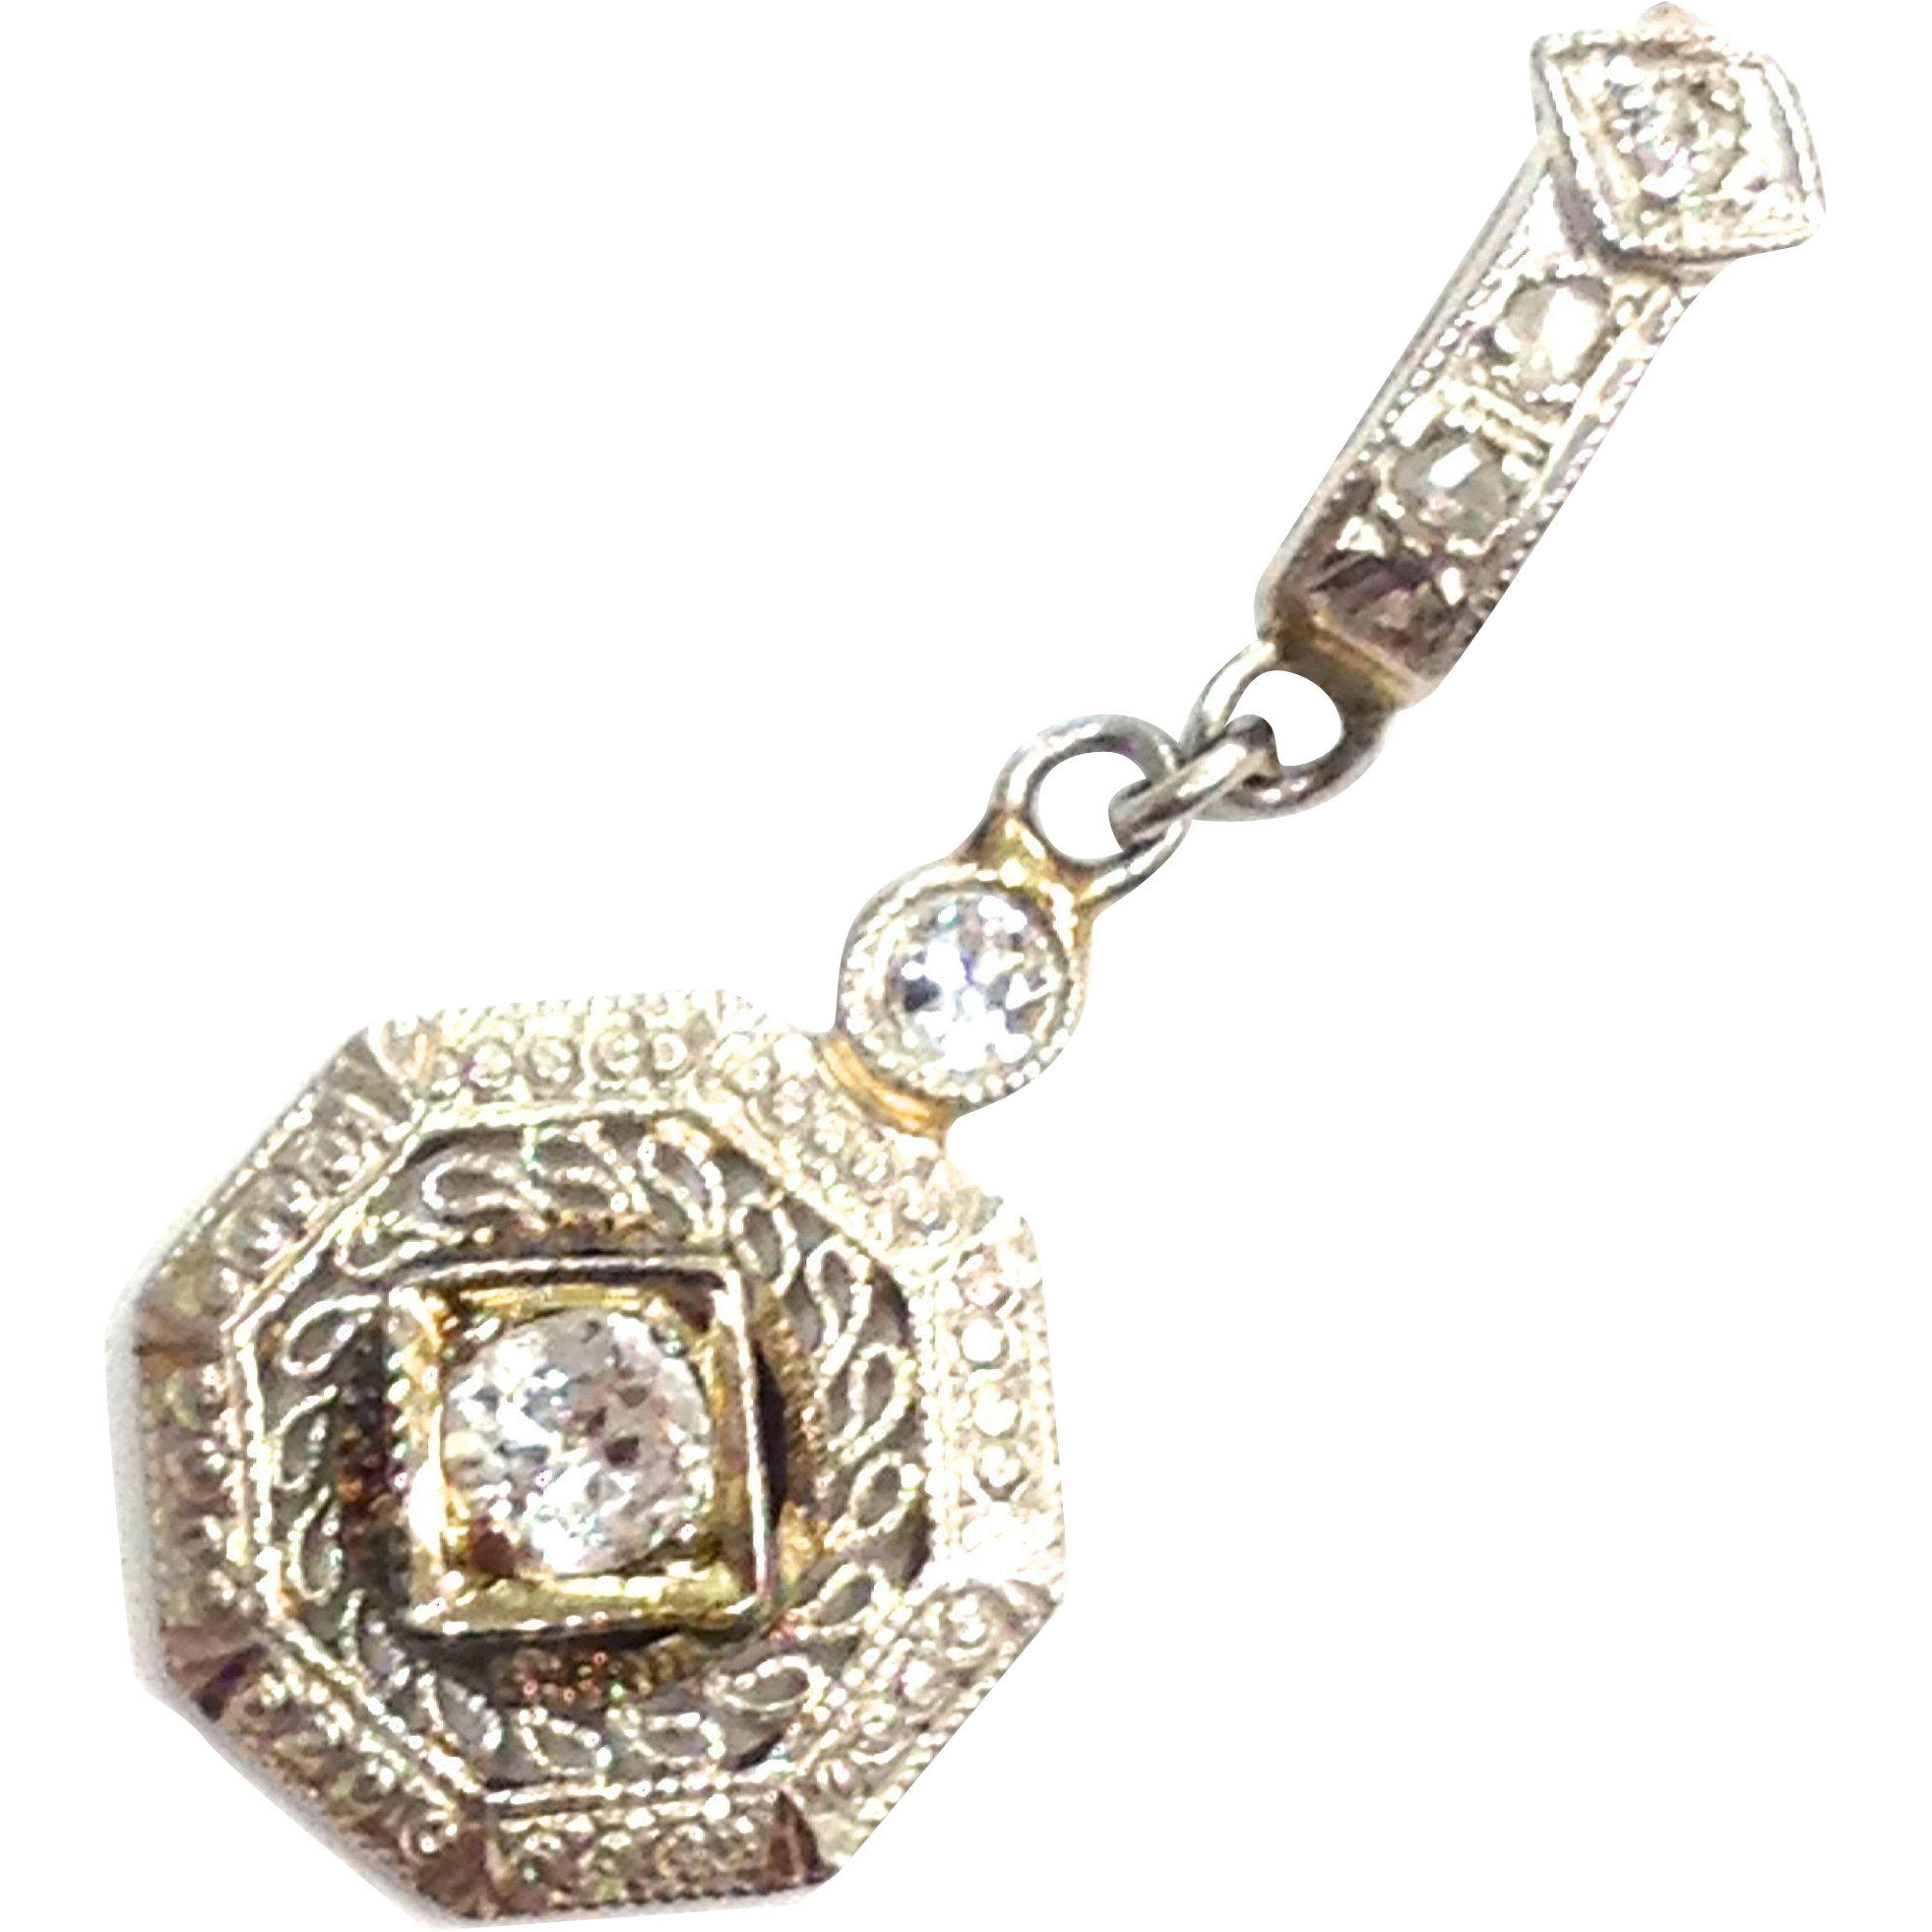 Antique Art Deco 14K white gold diamond necklace pendant